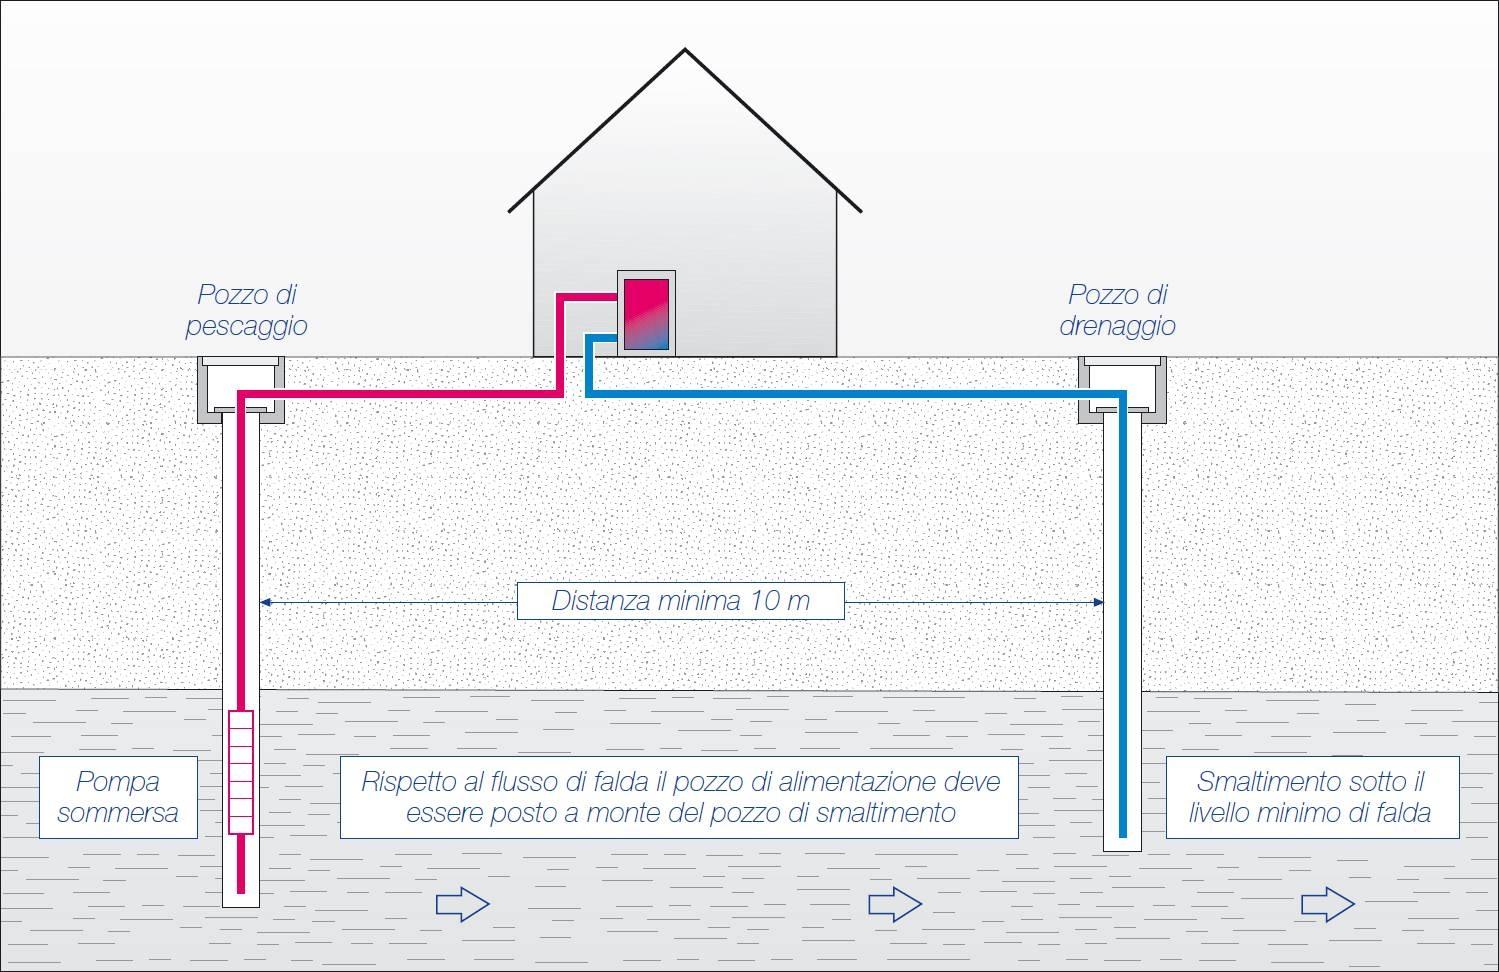 Scelta per riscaldamento casa riscaldamento per la casa for Costo della casa di 1500 piedi quadrati